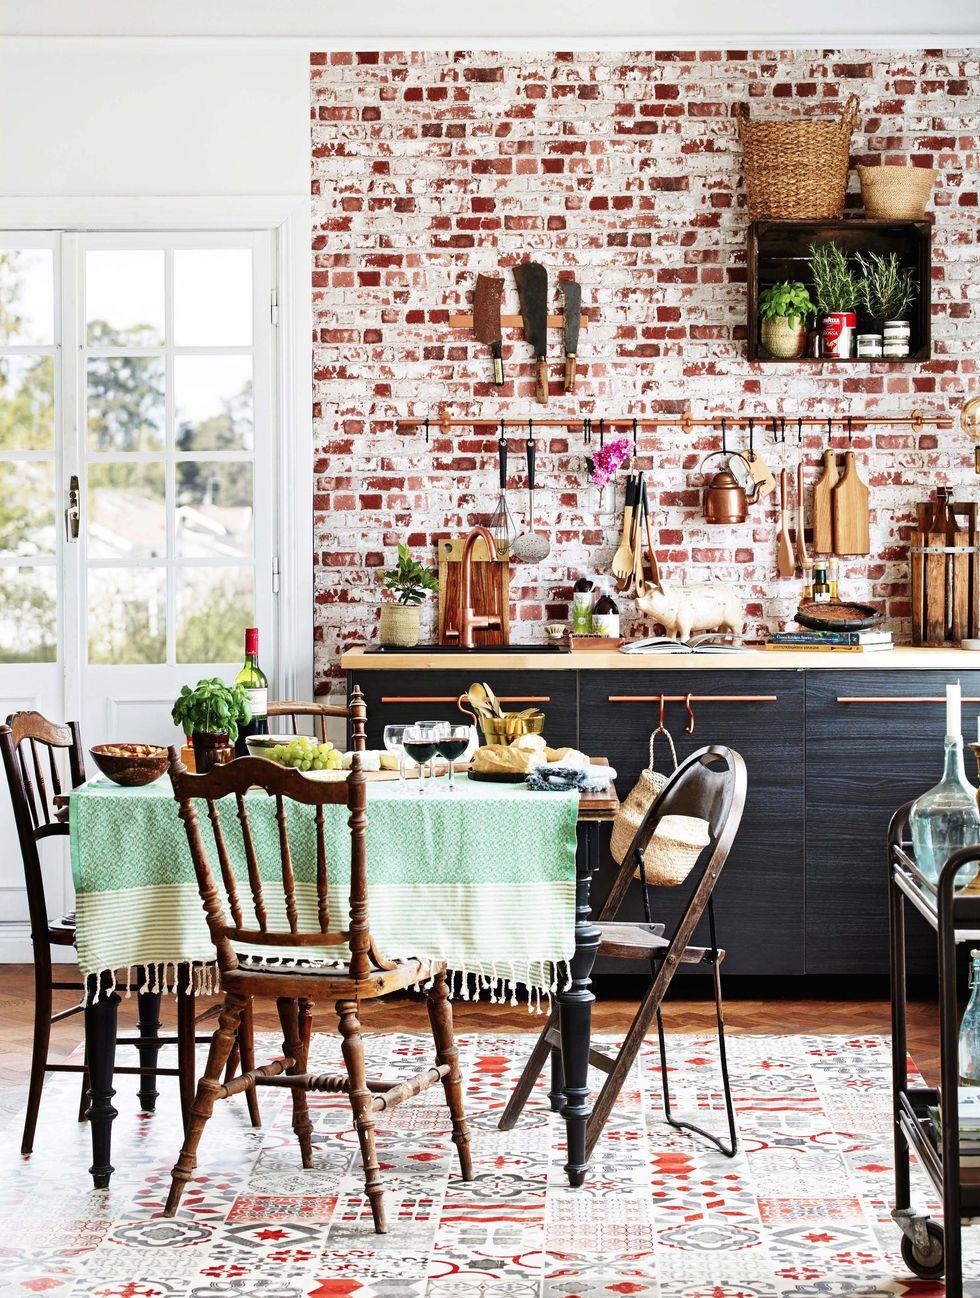 Una Cocina Estilo Vintage Con Toques Industriales Tienda Online De - Cocina-estilo-vintage